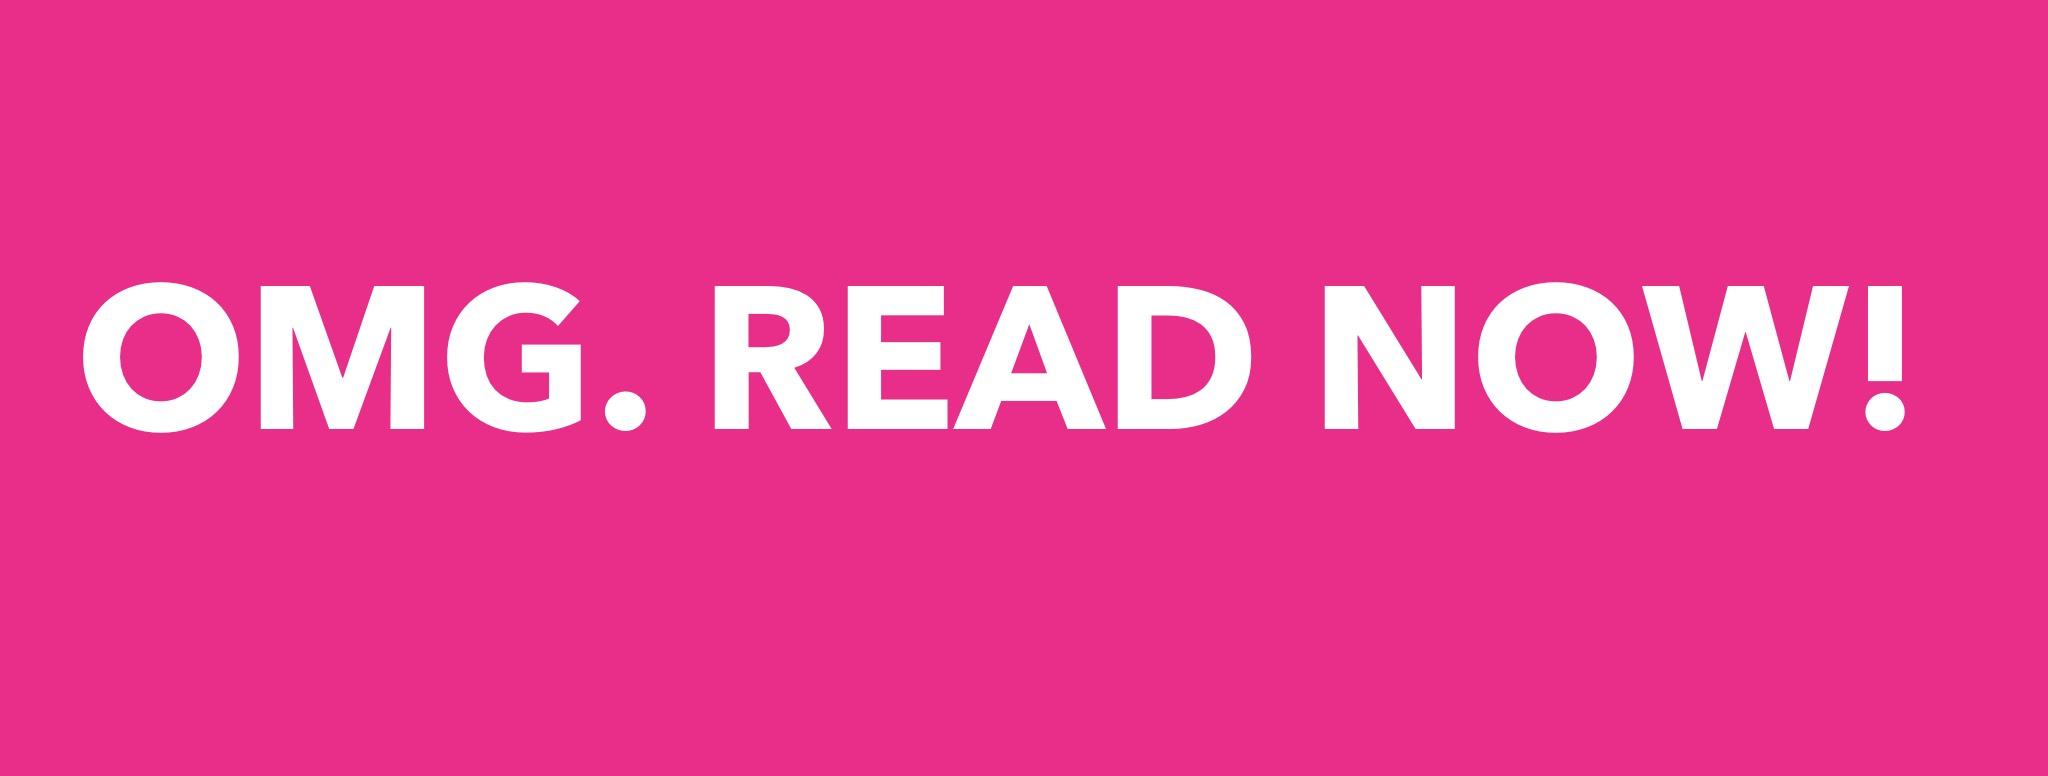 omg-read-now-gutsygirlclub.jpg